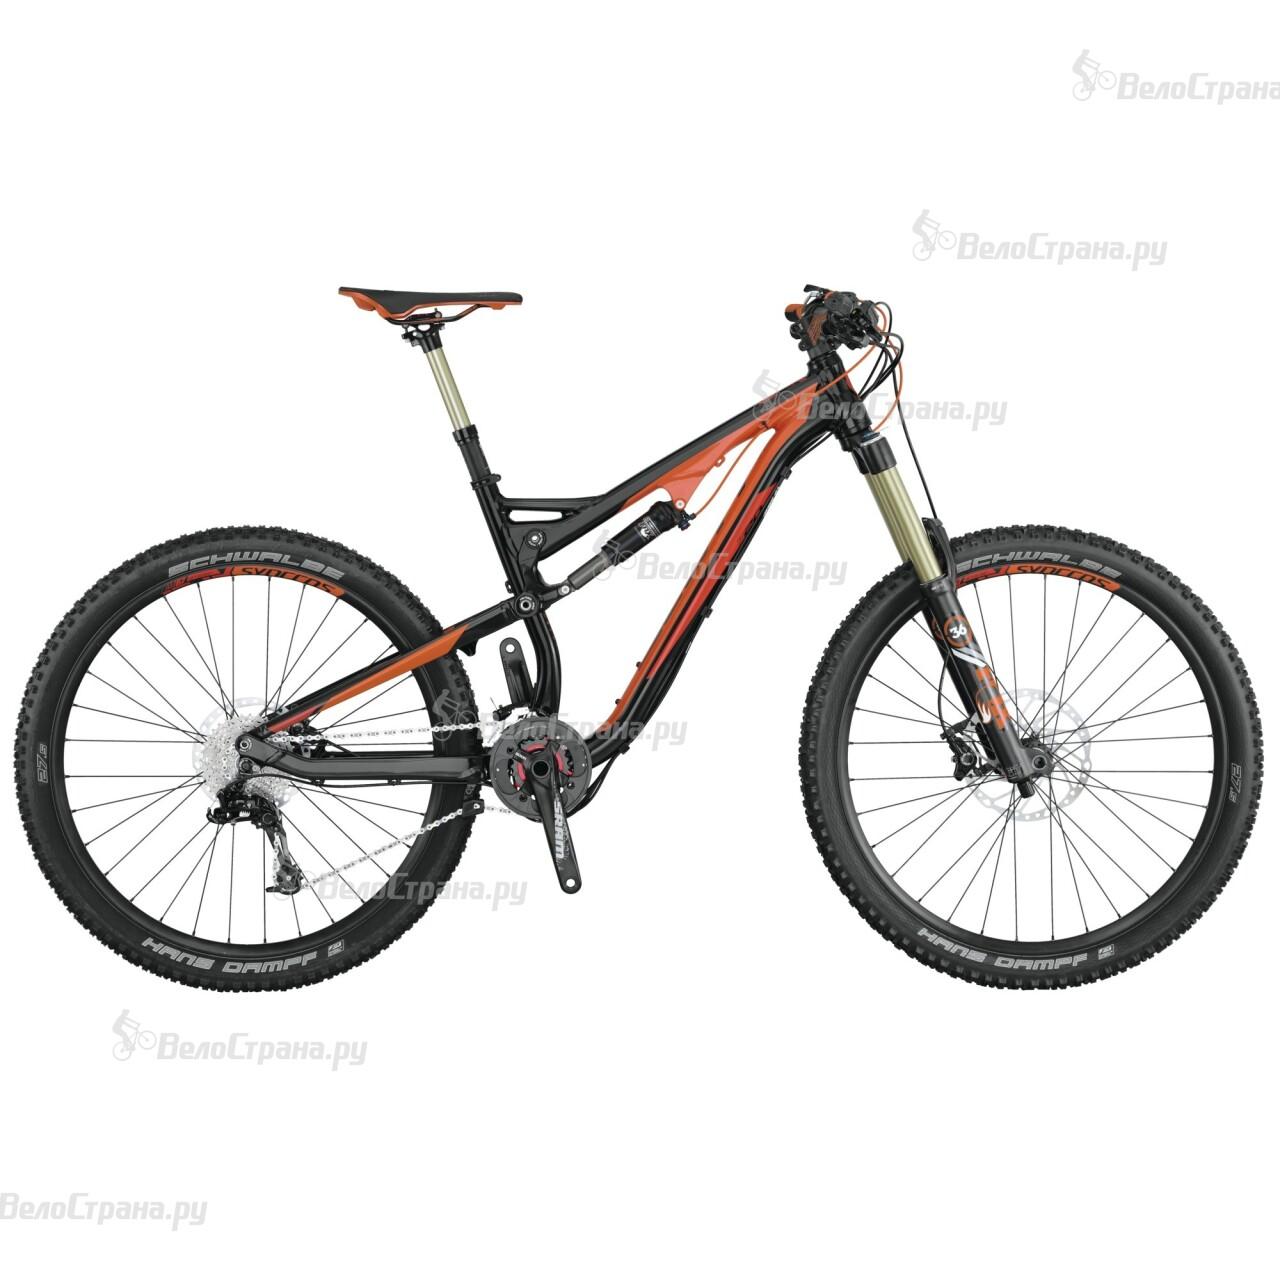 Велосипед Scott Genius LT 720 (2015) scott genius 750 2015